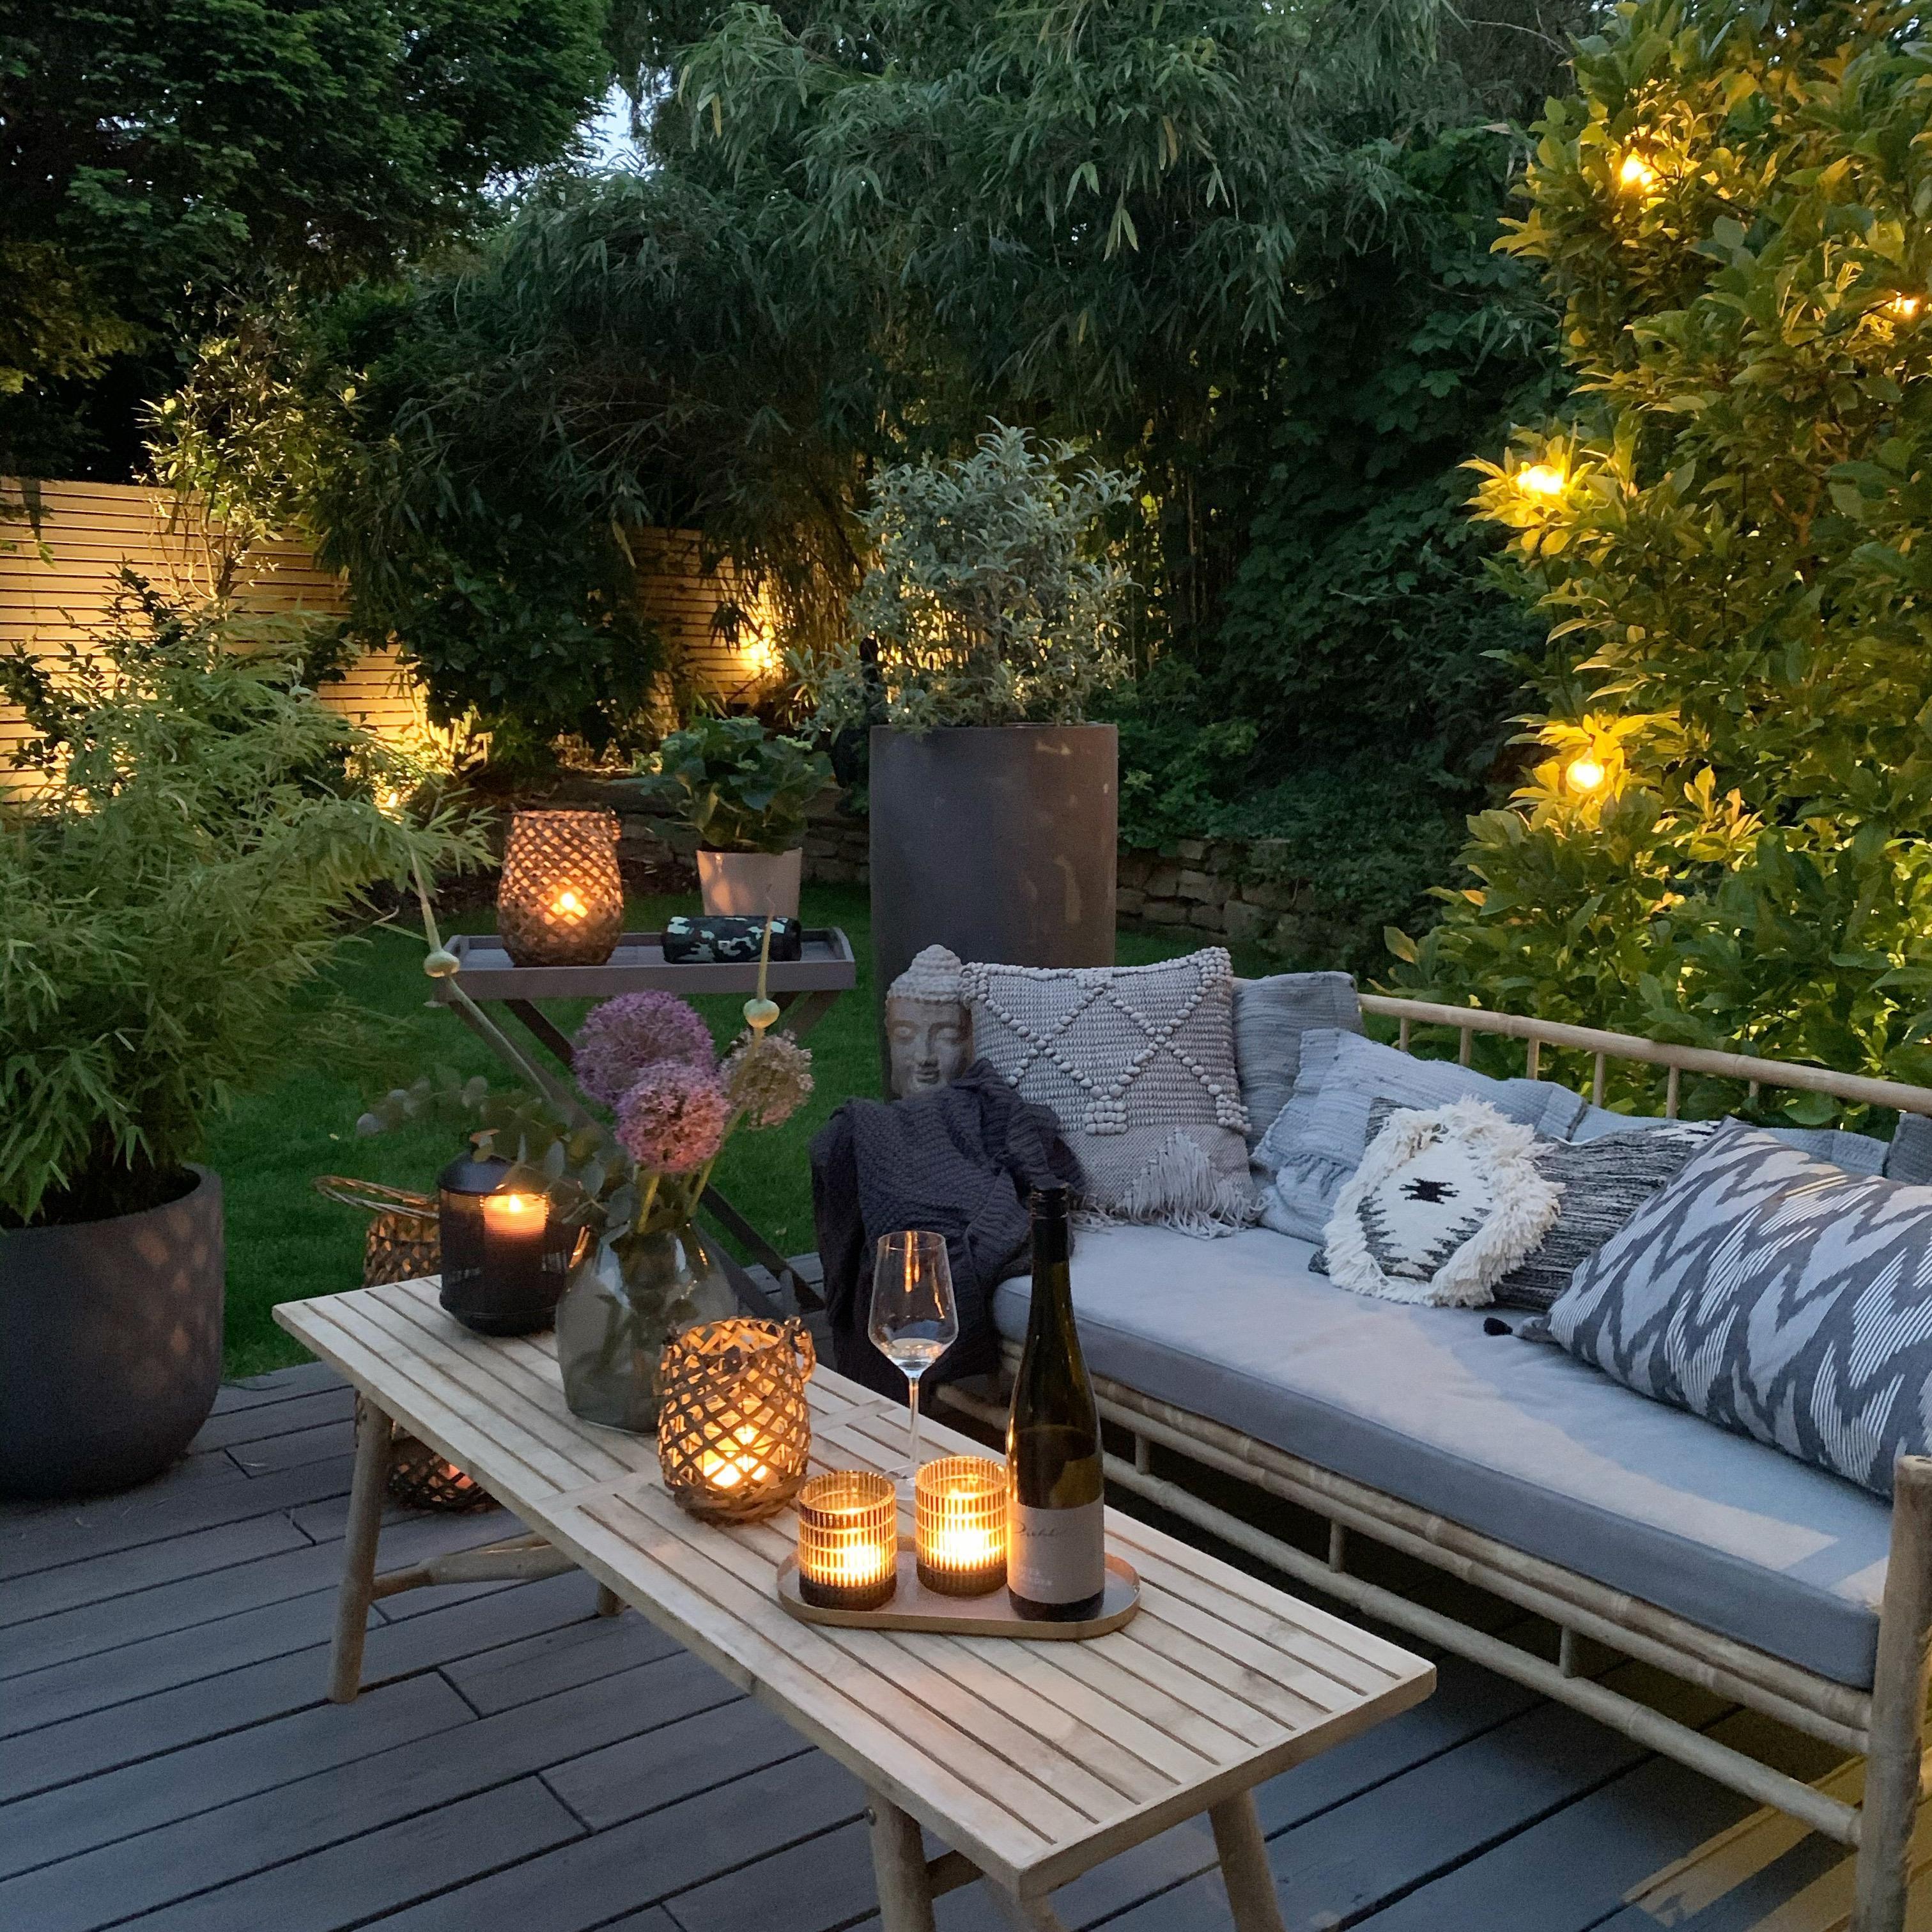 Terrassengestaltung Ideen für deinen Outdoor Bereich